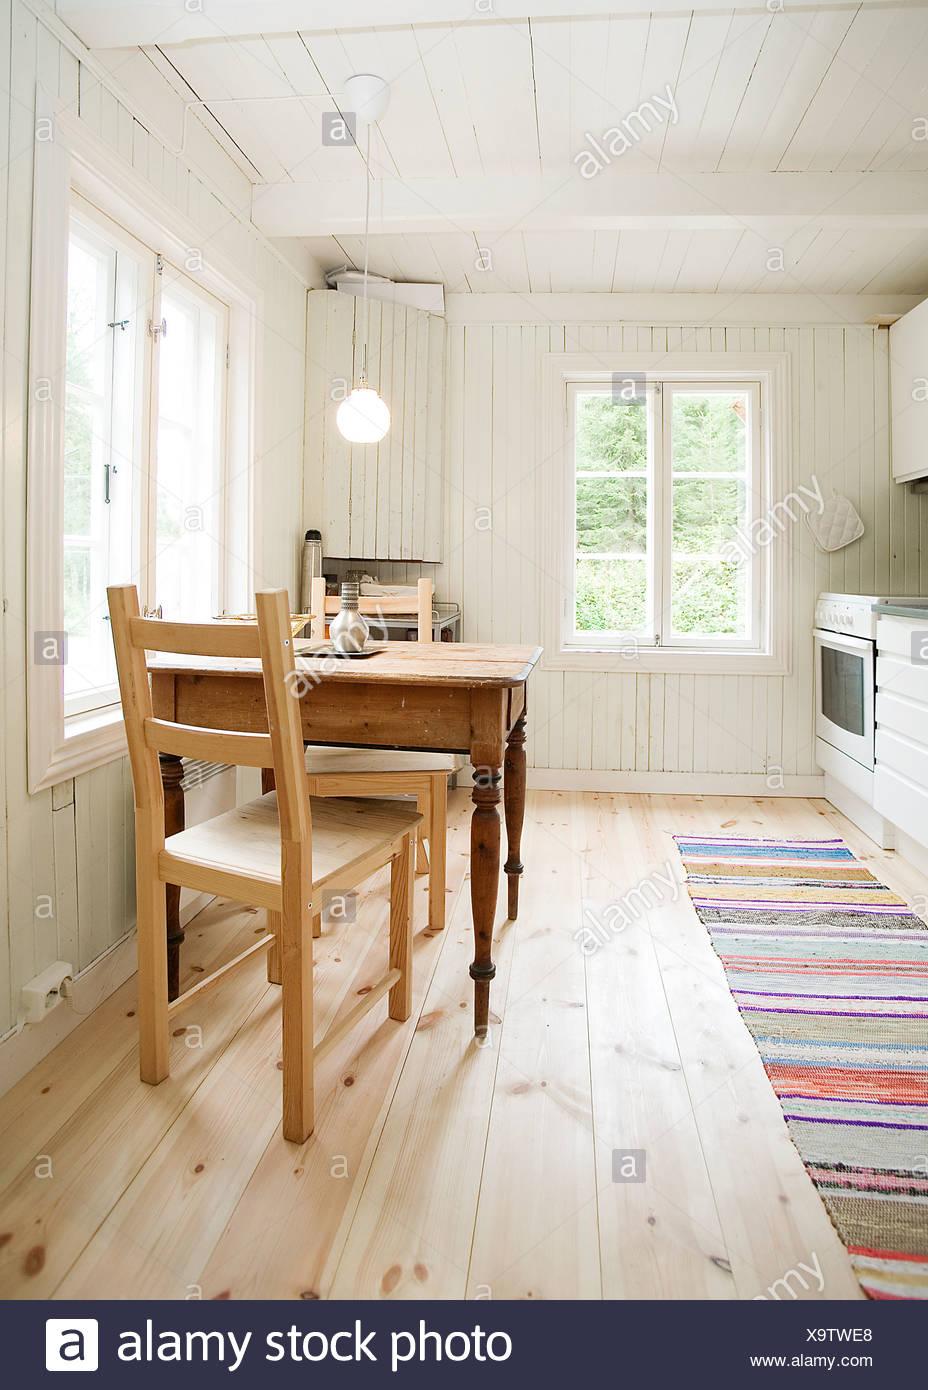 Cucina interno con un piccolo tavolo da pranzo per due e tappeto sul ...